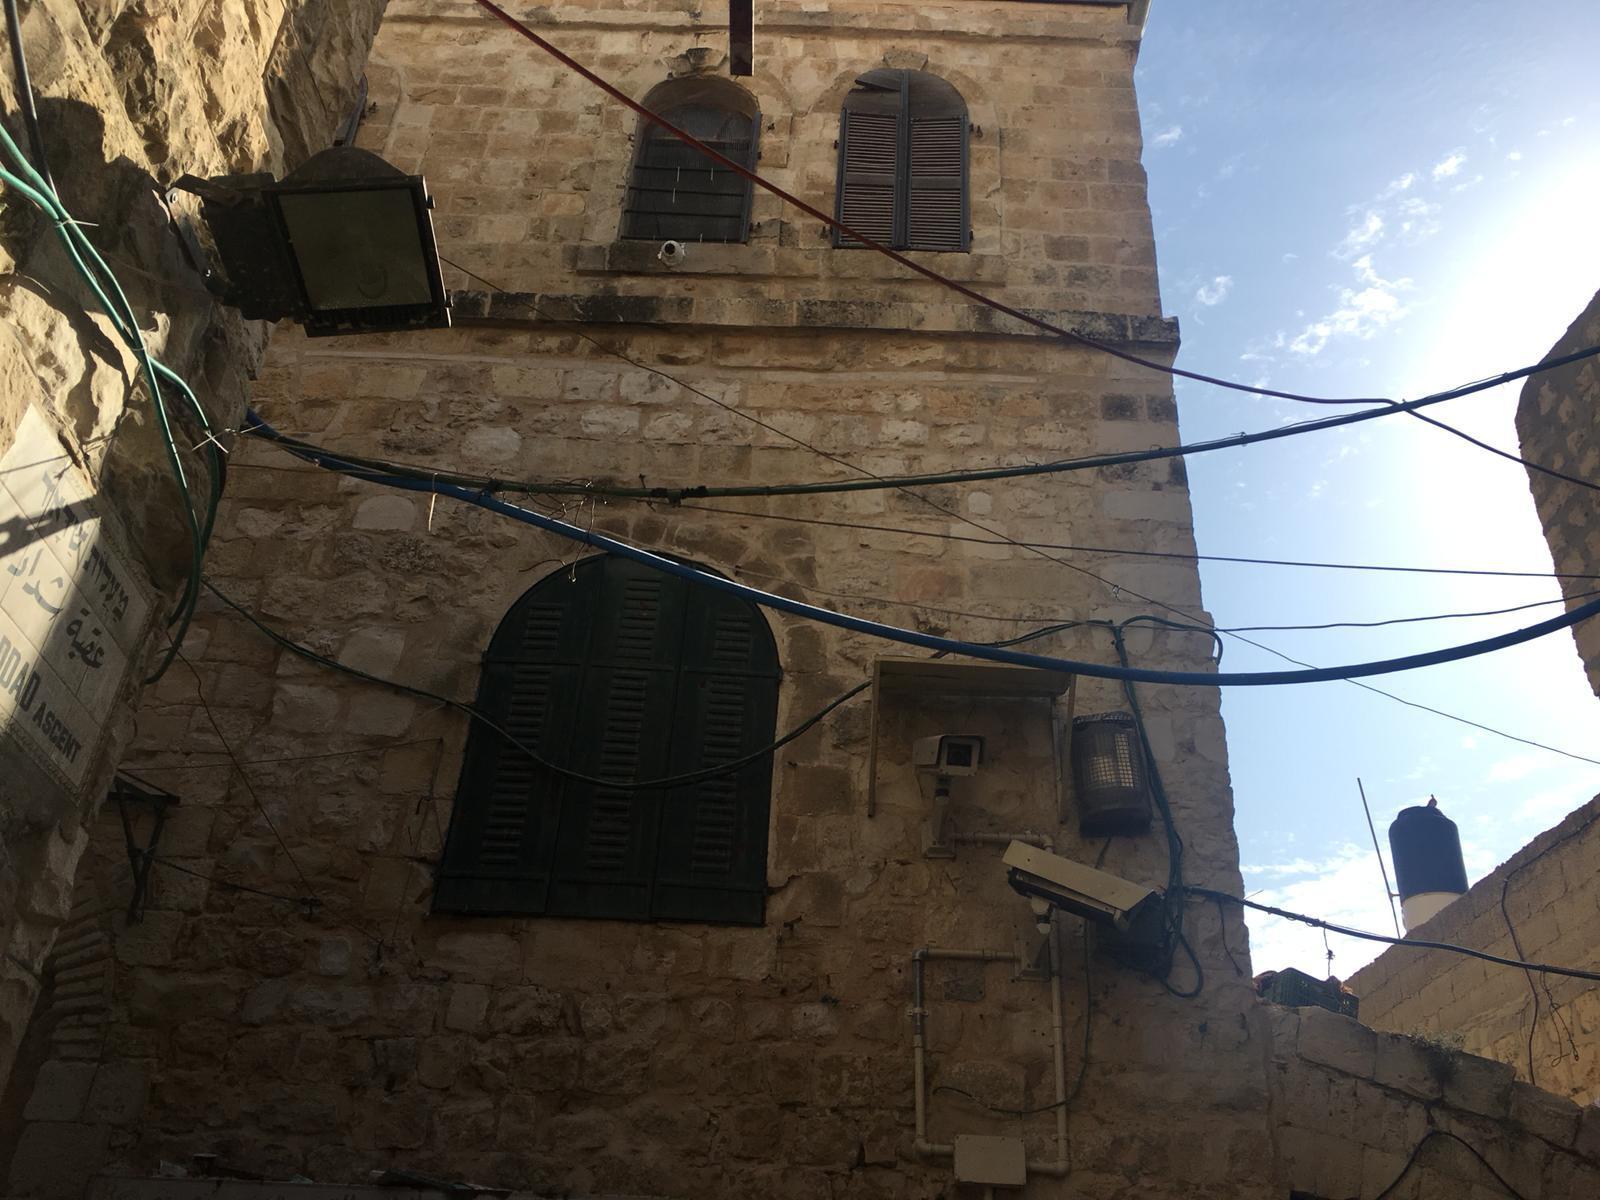 الثاني خلال 24 ساعة: مستوطنون يستولون على عقار بالقدس